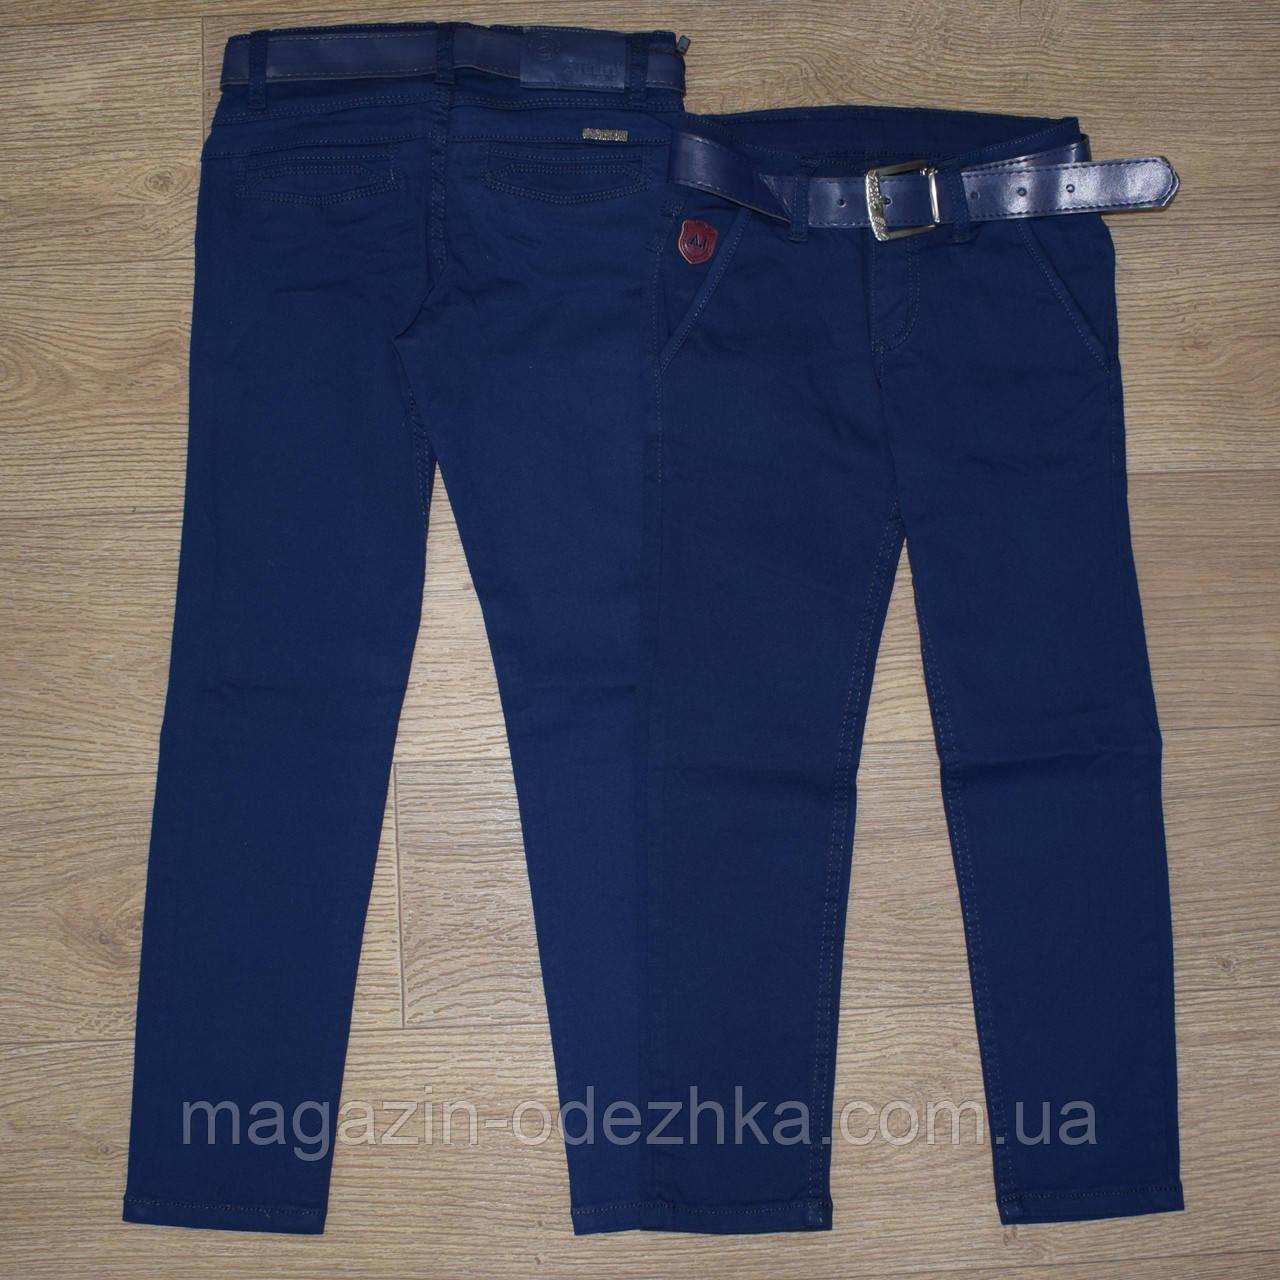 Шкільні штани для хлопчика, оптом, на 6-7-8-9-10 років